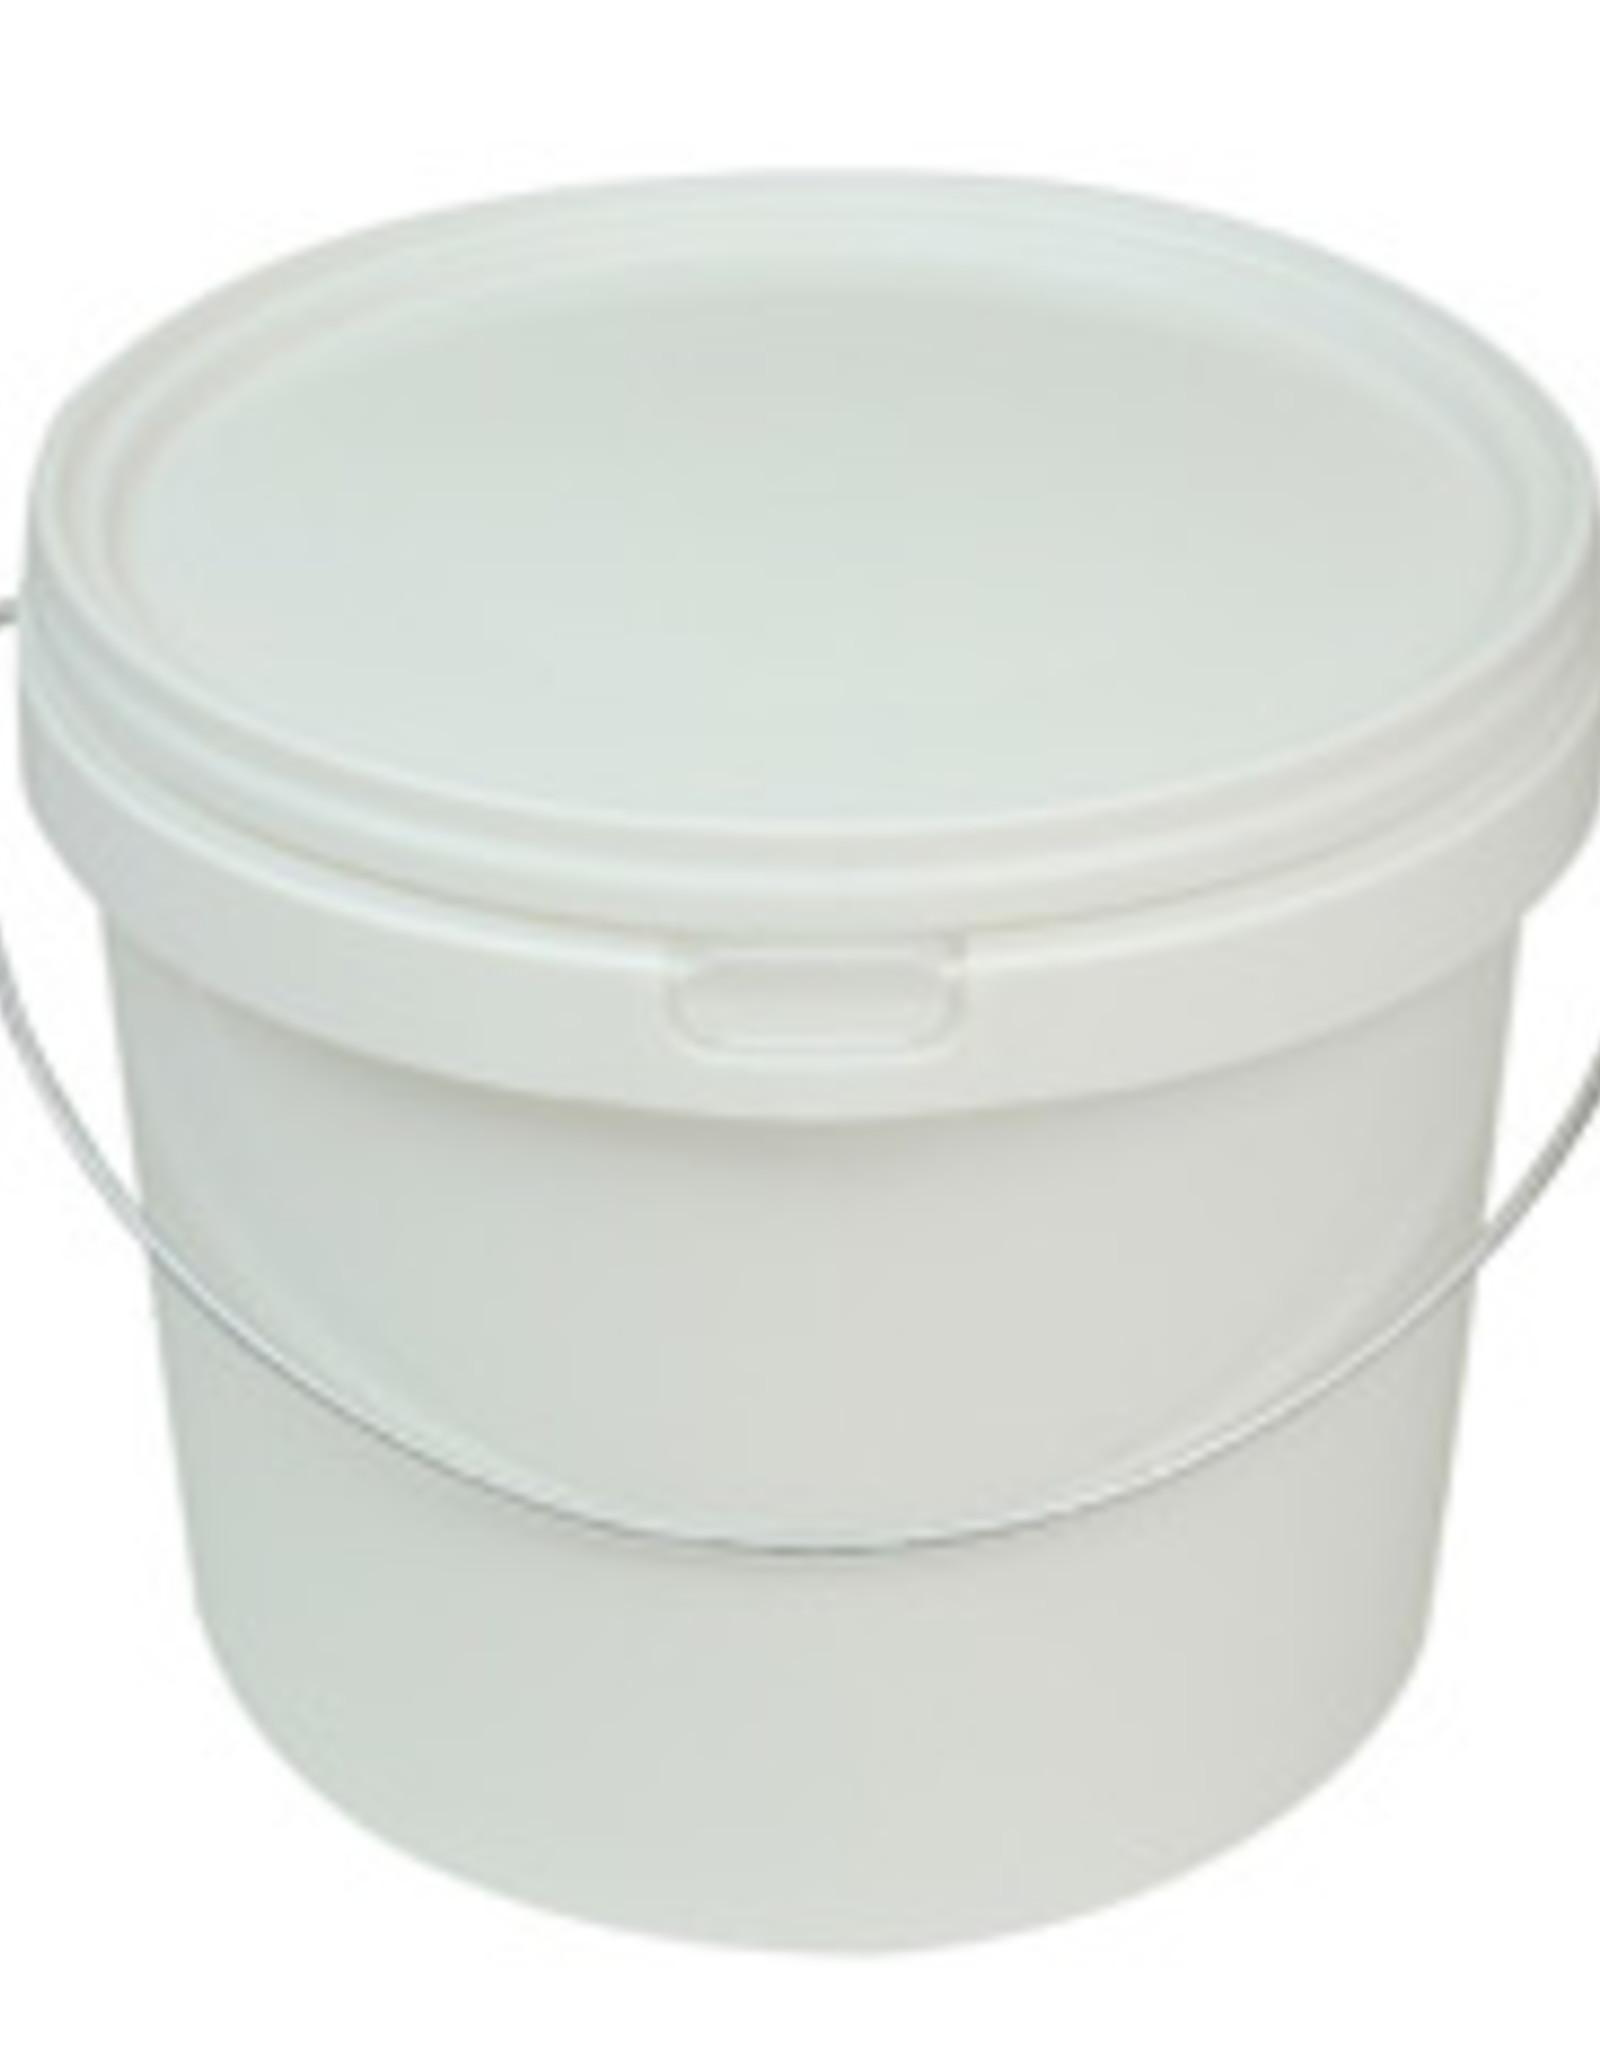 Versluis Mengemmer met deksel voor 1, 3.1 of 5.8 Ltr. Met een dergelijke emmer, kun je makkelijk ook zelf je kleur aanpassen of mengen en wat langer wegzetten. Kook bij watergedragen verf je water eerst even, en laat het afkoenen voordat je het toevoegt. Dat weerh